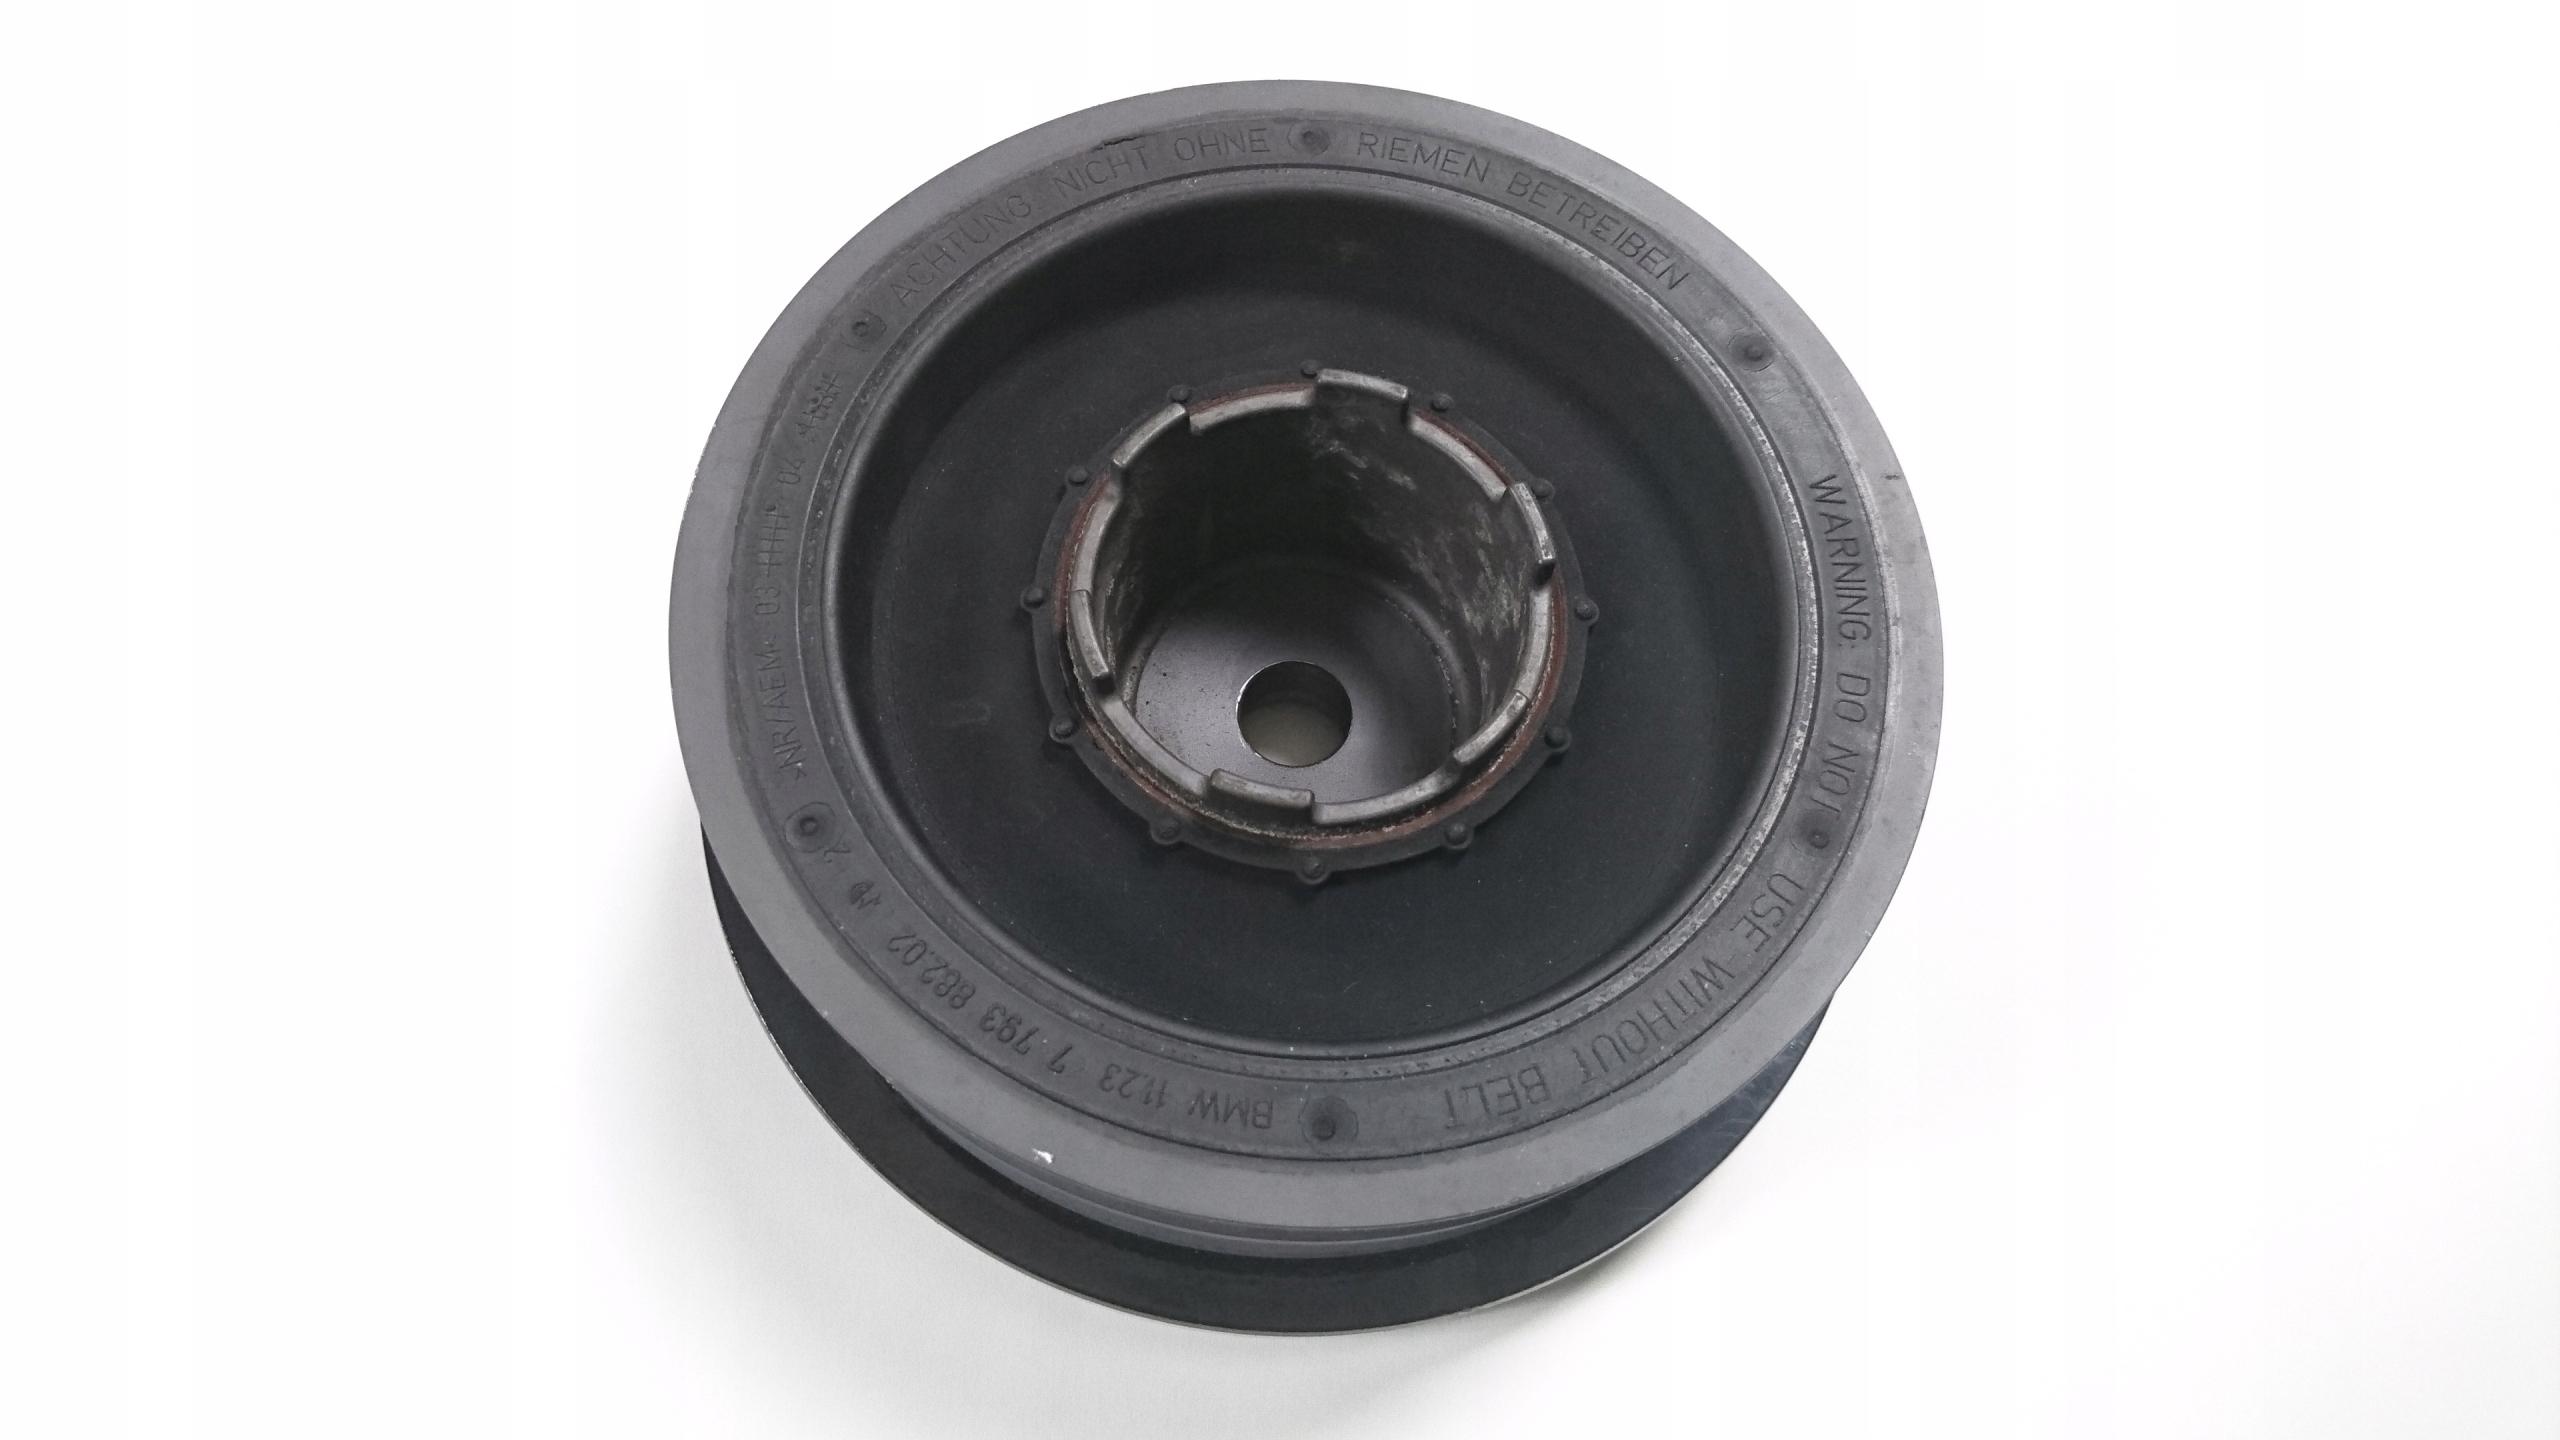 bmw e60 e61 20d круг шкив вала глушитель вибрации